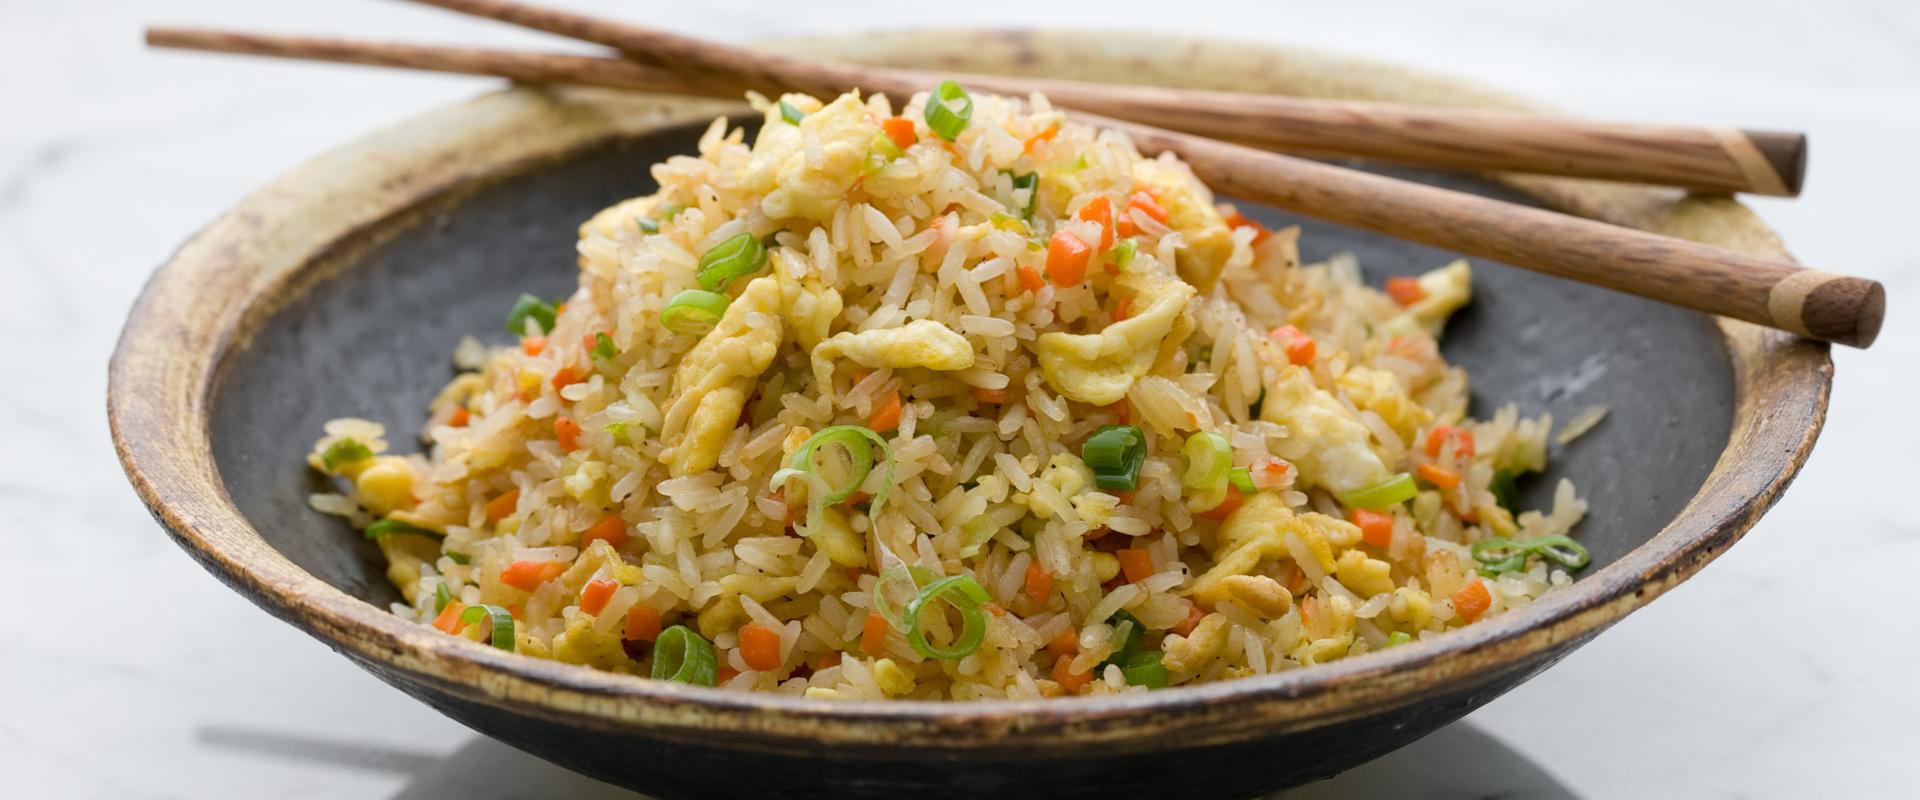 sült rizs cover